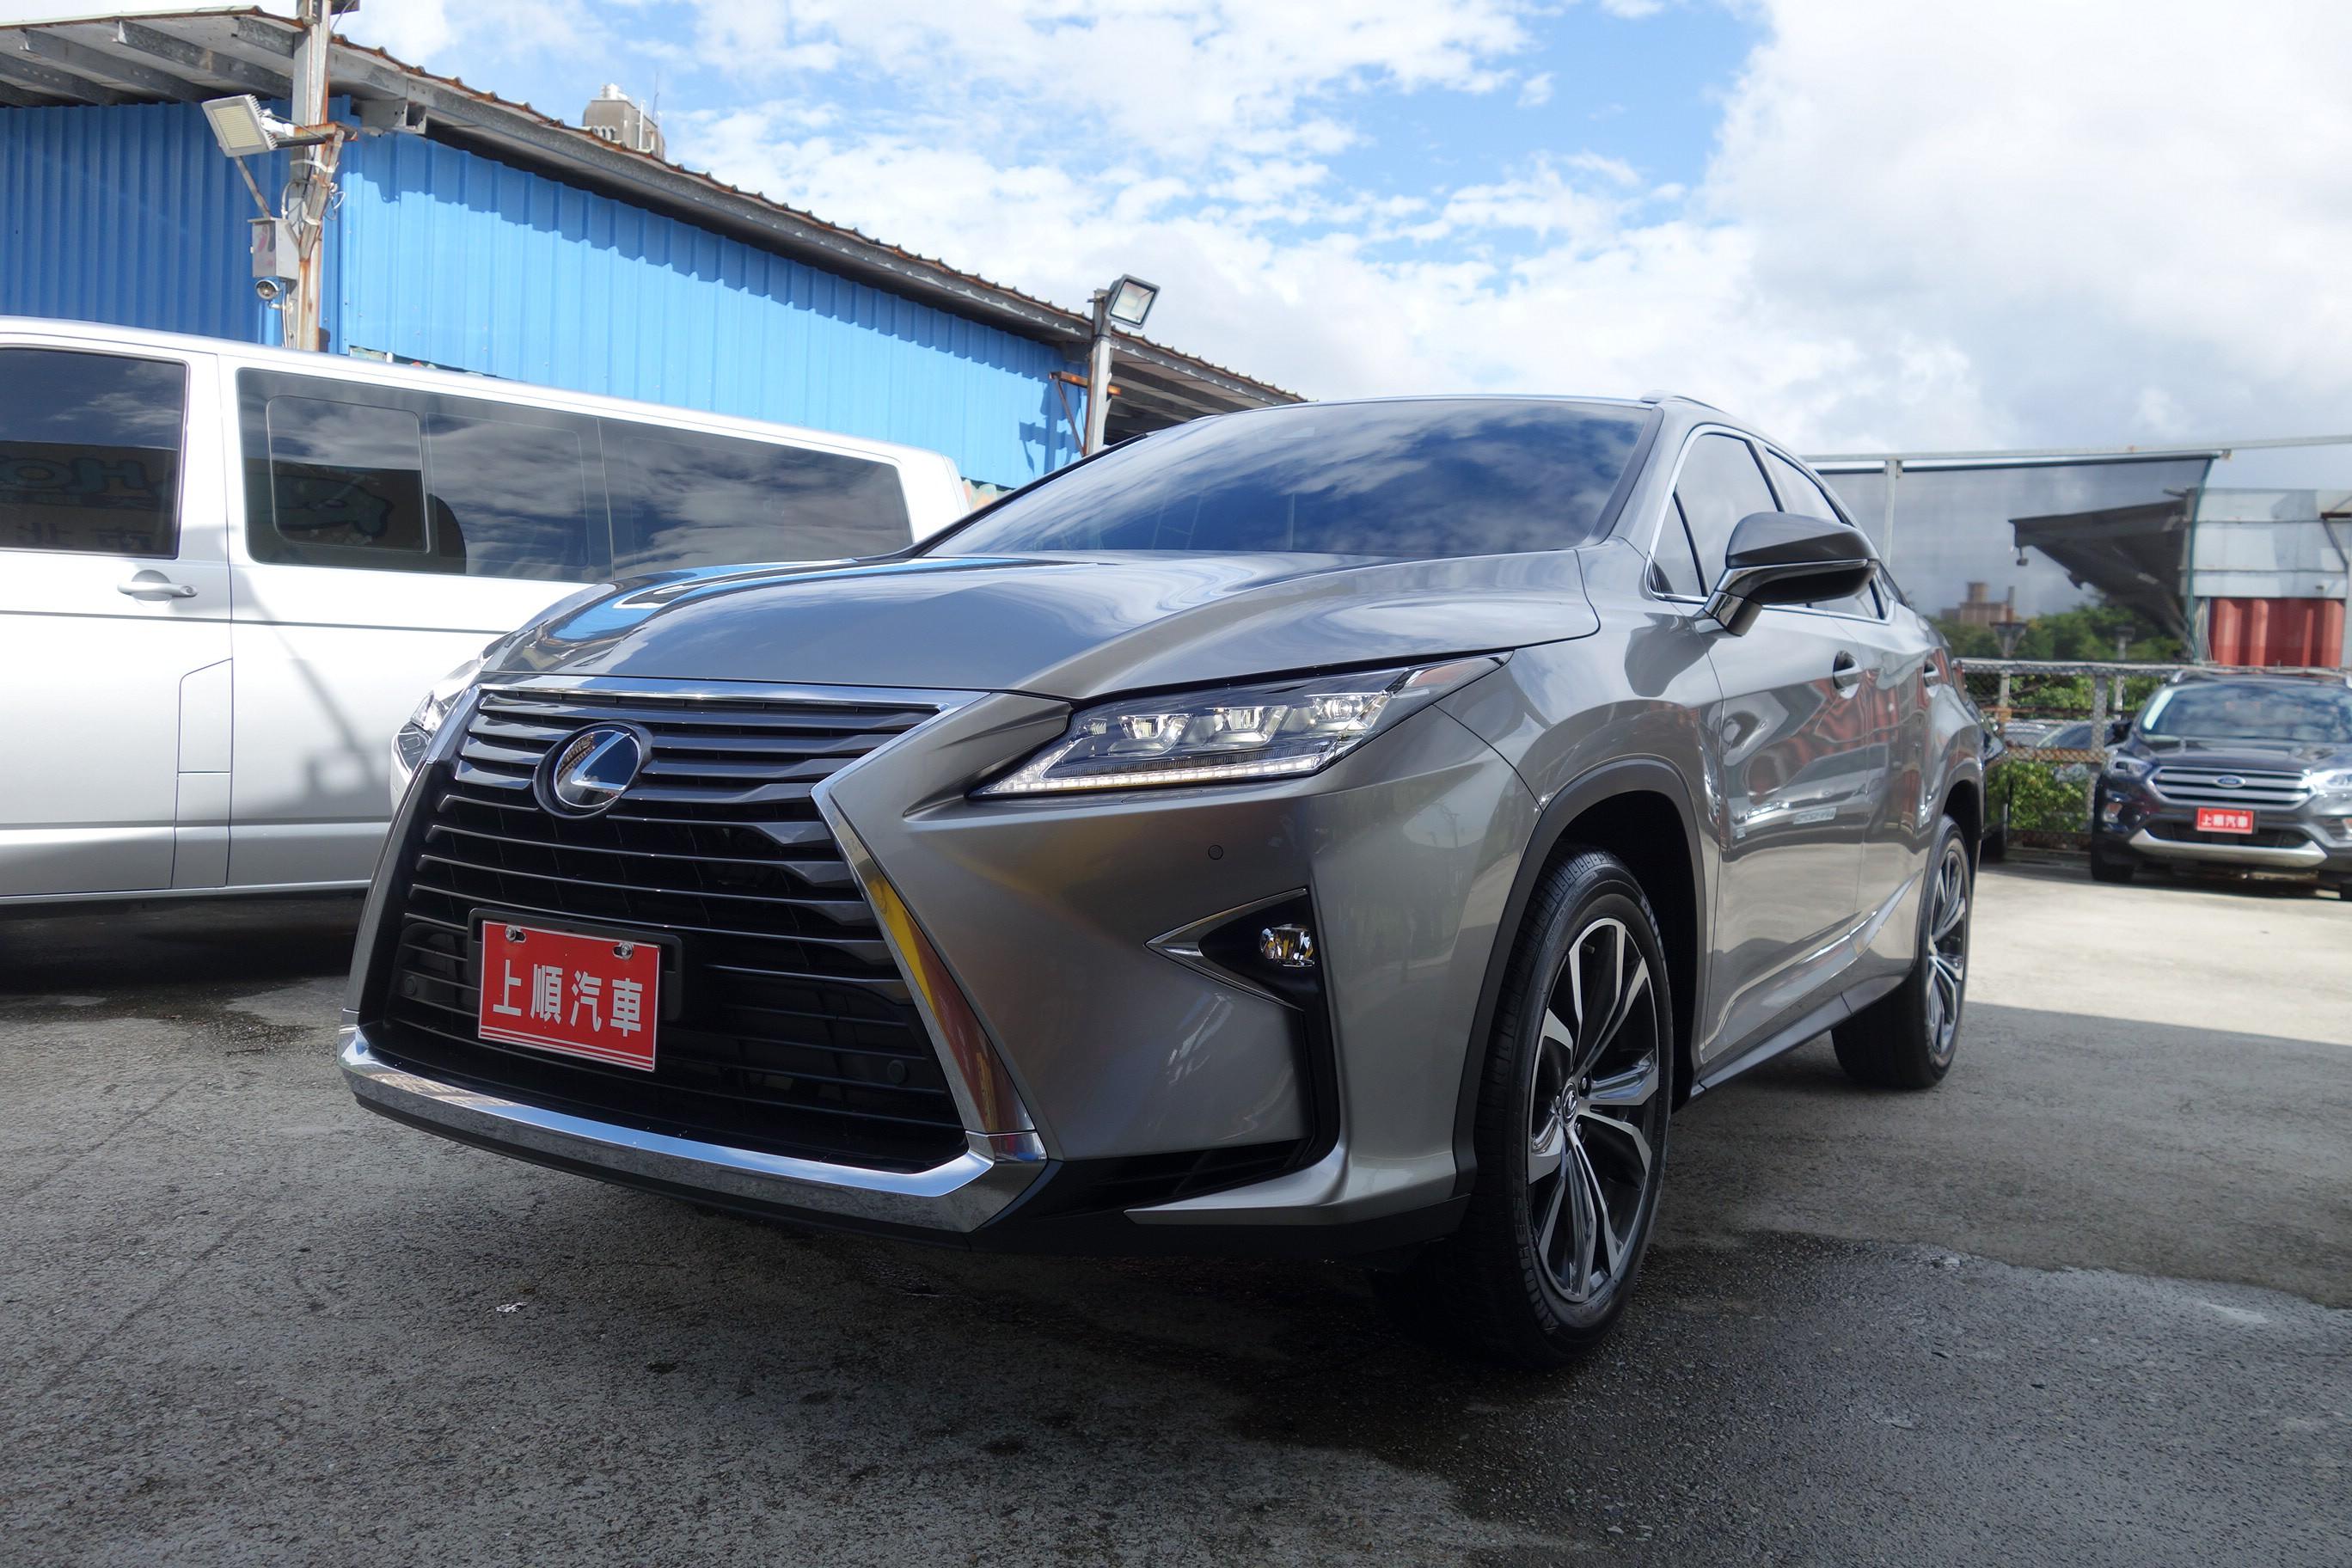 2018 Lexus 凌志 Rx